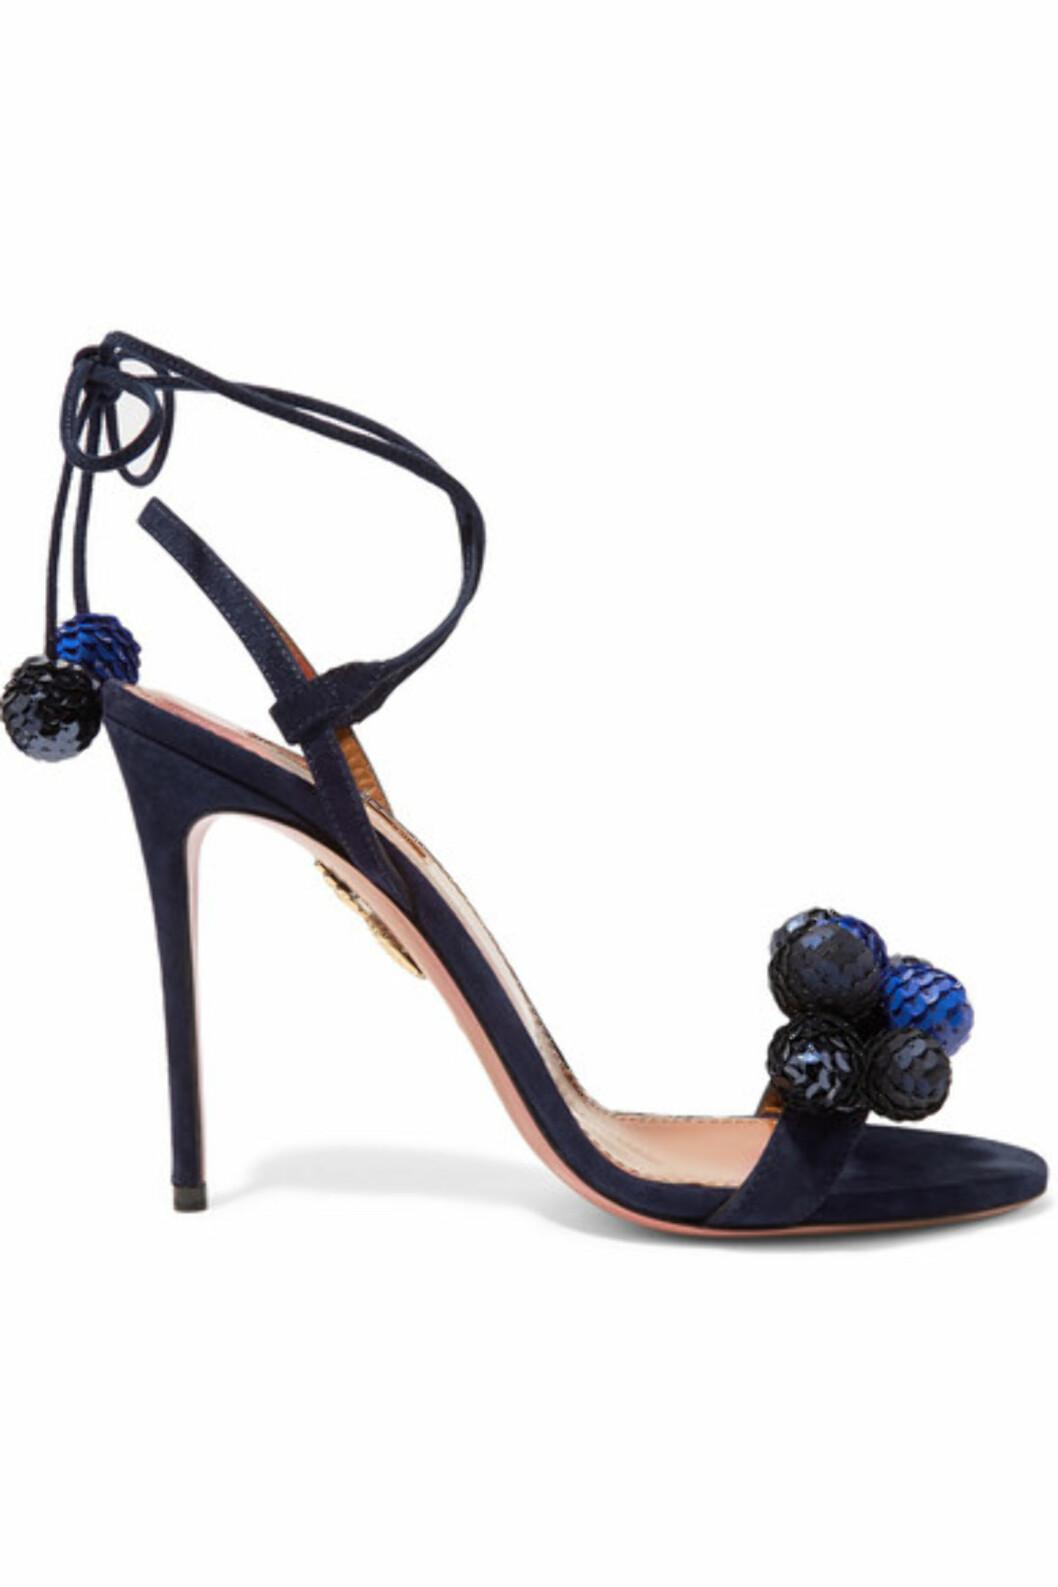 Hæler fra Aquazzura via Net-a-porter.com | kr 7272 | https://www.net-a-porter.com/no/en/product/714830/aquazzura/disco-thing-pompom-embellished-suede-sandals